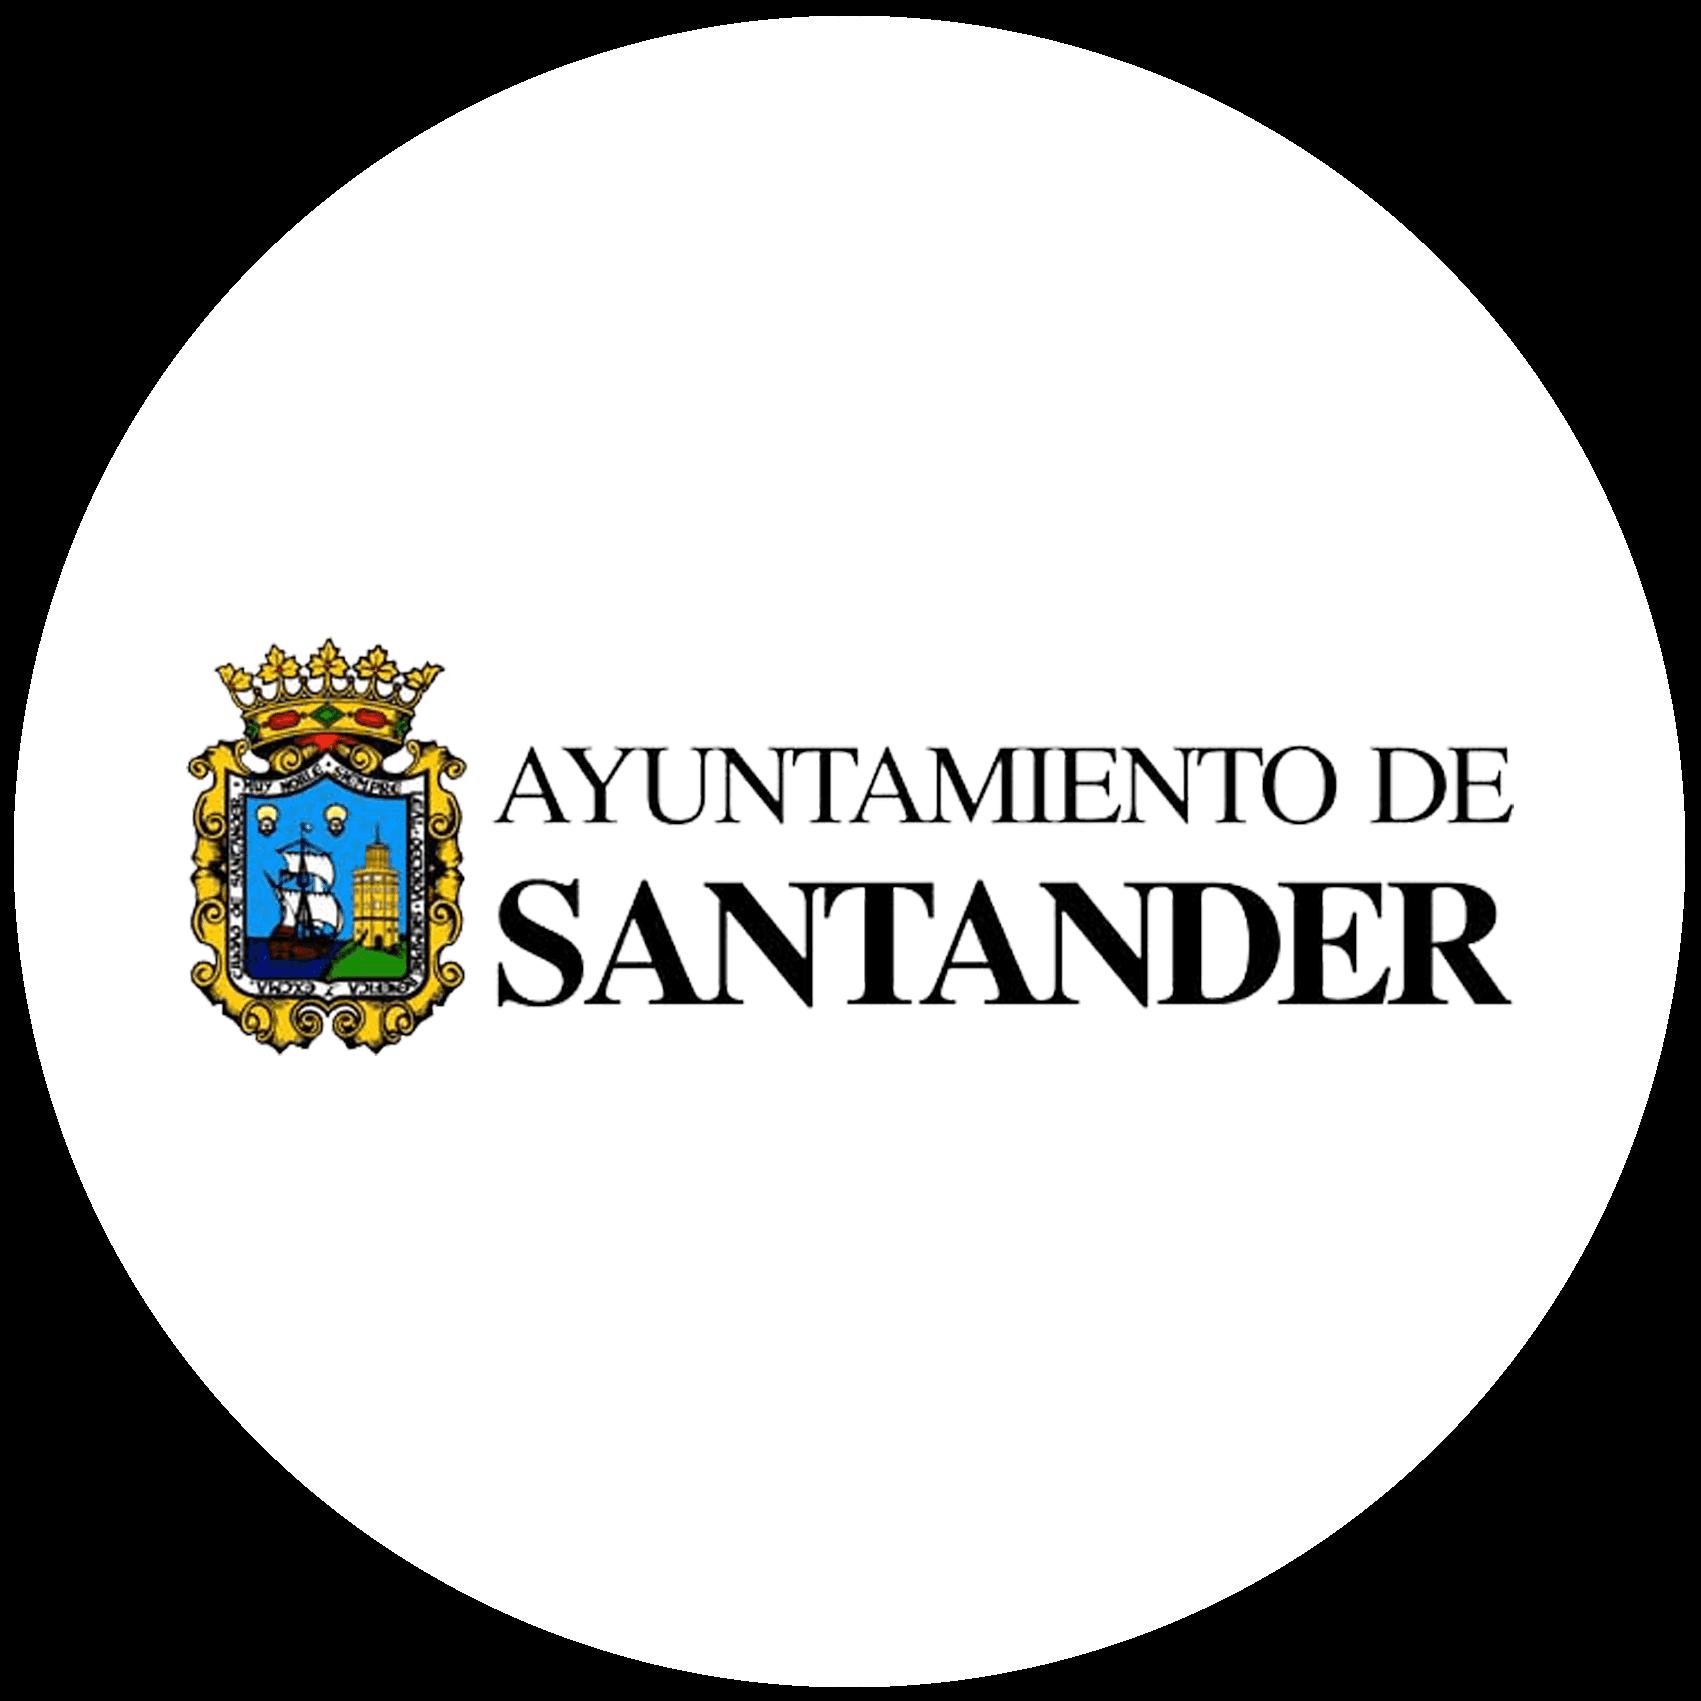 logo-ayuntamiento-santander